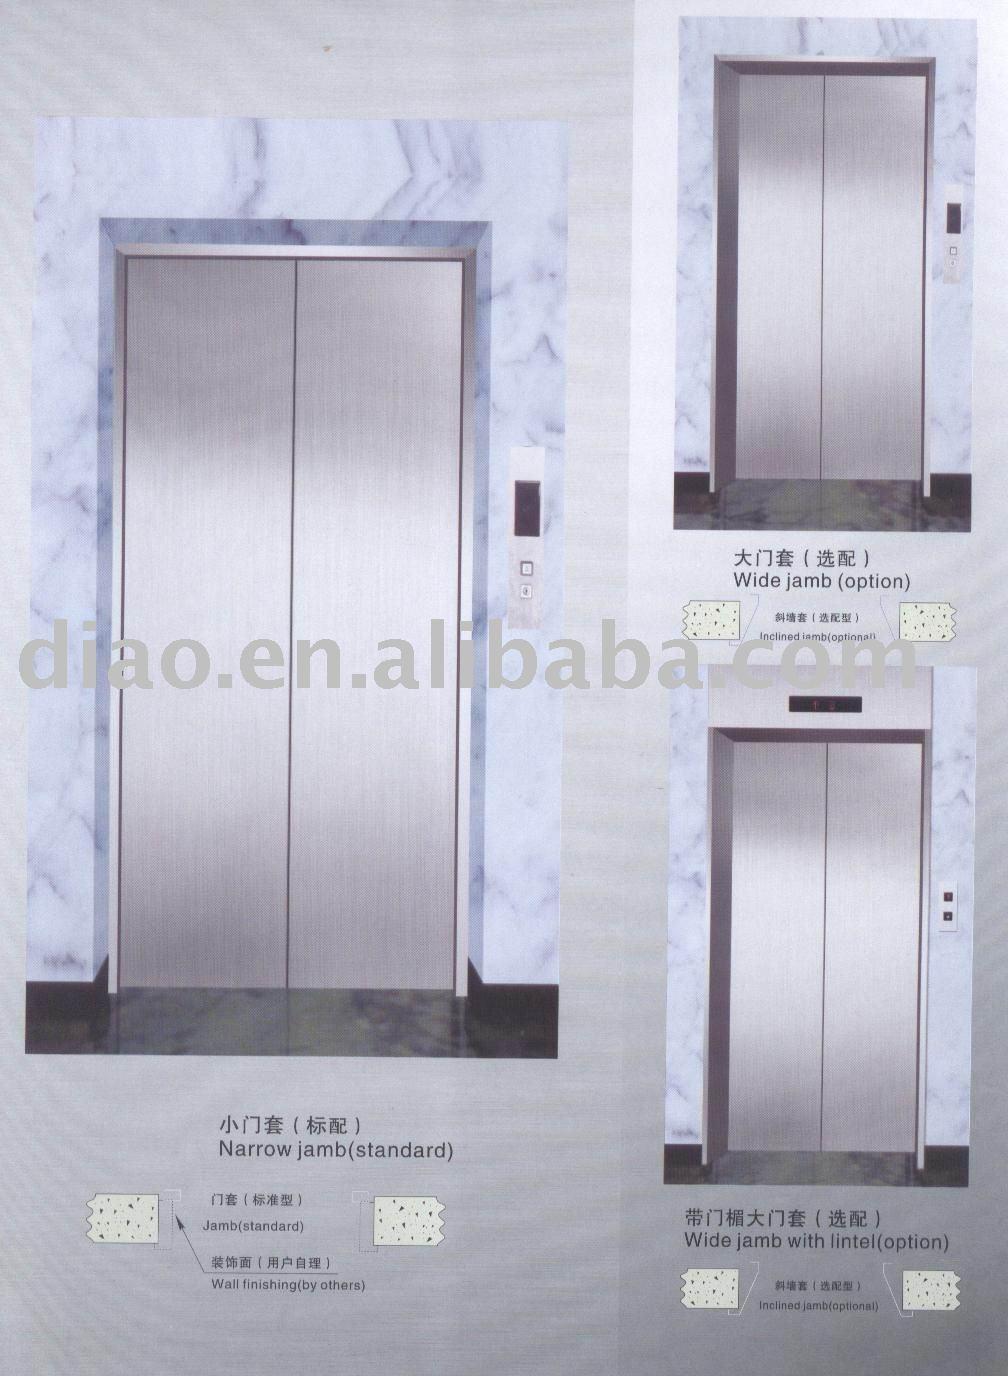 Elevator Landing Door - Buy Lift Landing DoorElevator PartsLanding Door Product on Alibaba.com & Elevator Landing Door - Buy Lift Landing DoorElevator Parts ... pezcame.com